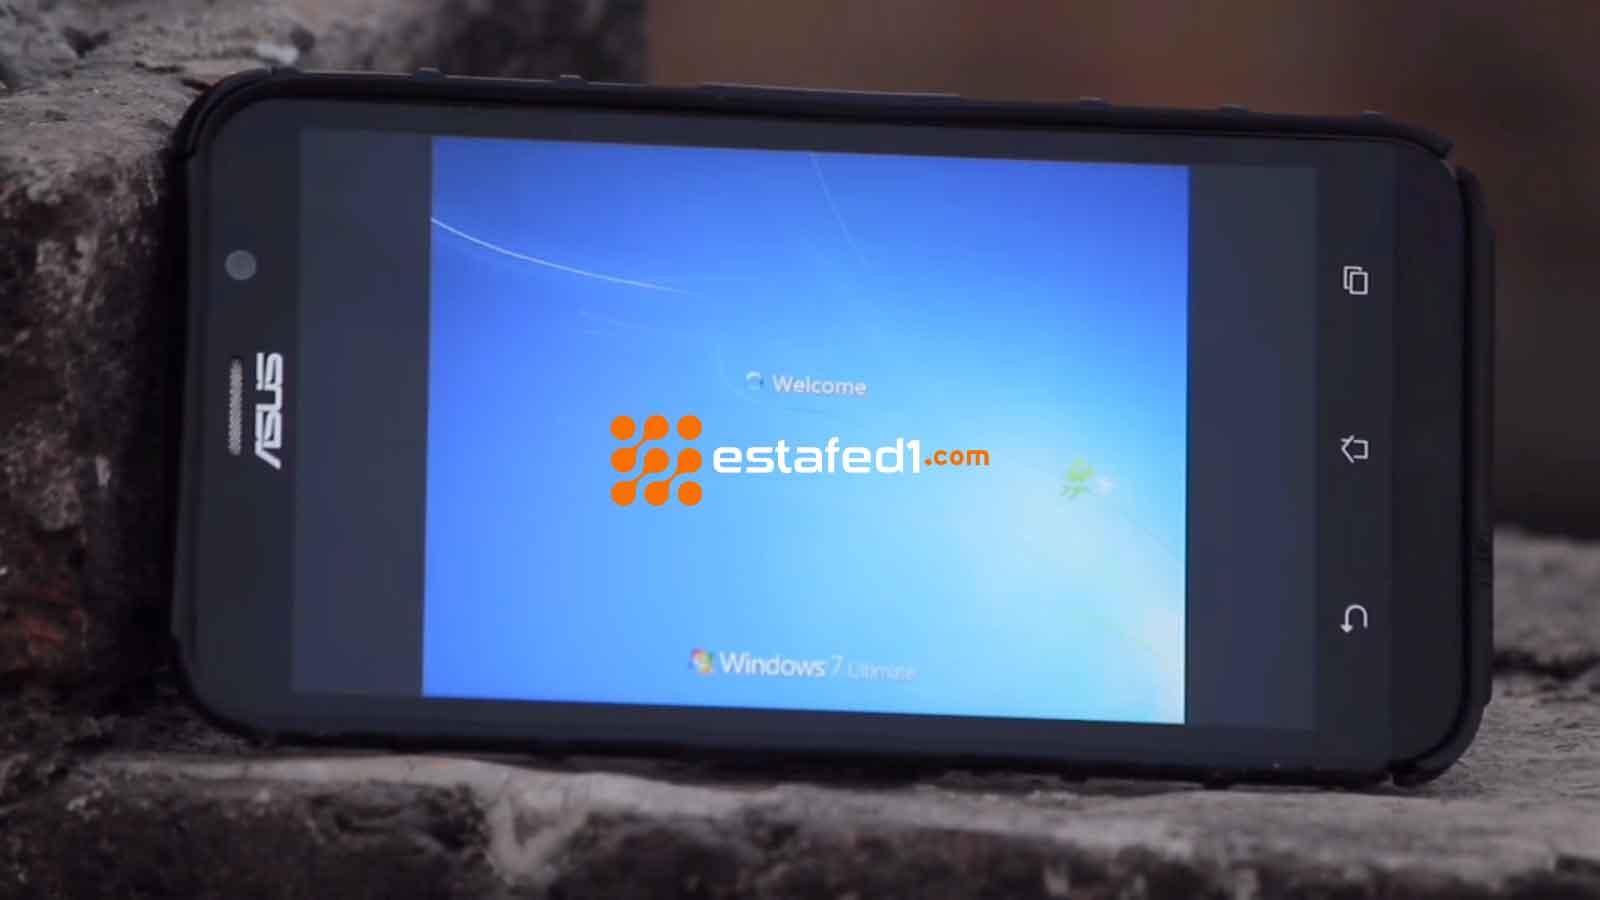 تنصيب ويندوز 7 على الاندرويد- نظام التشغيل ويندوز 7 على هاتفك